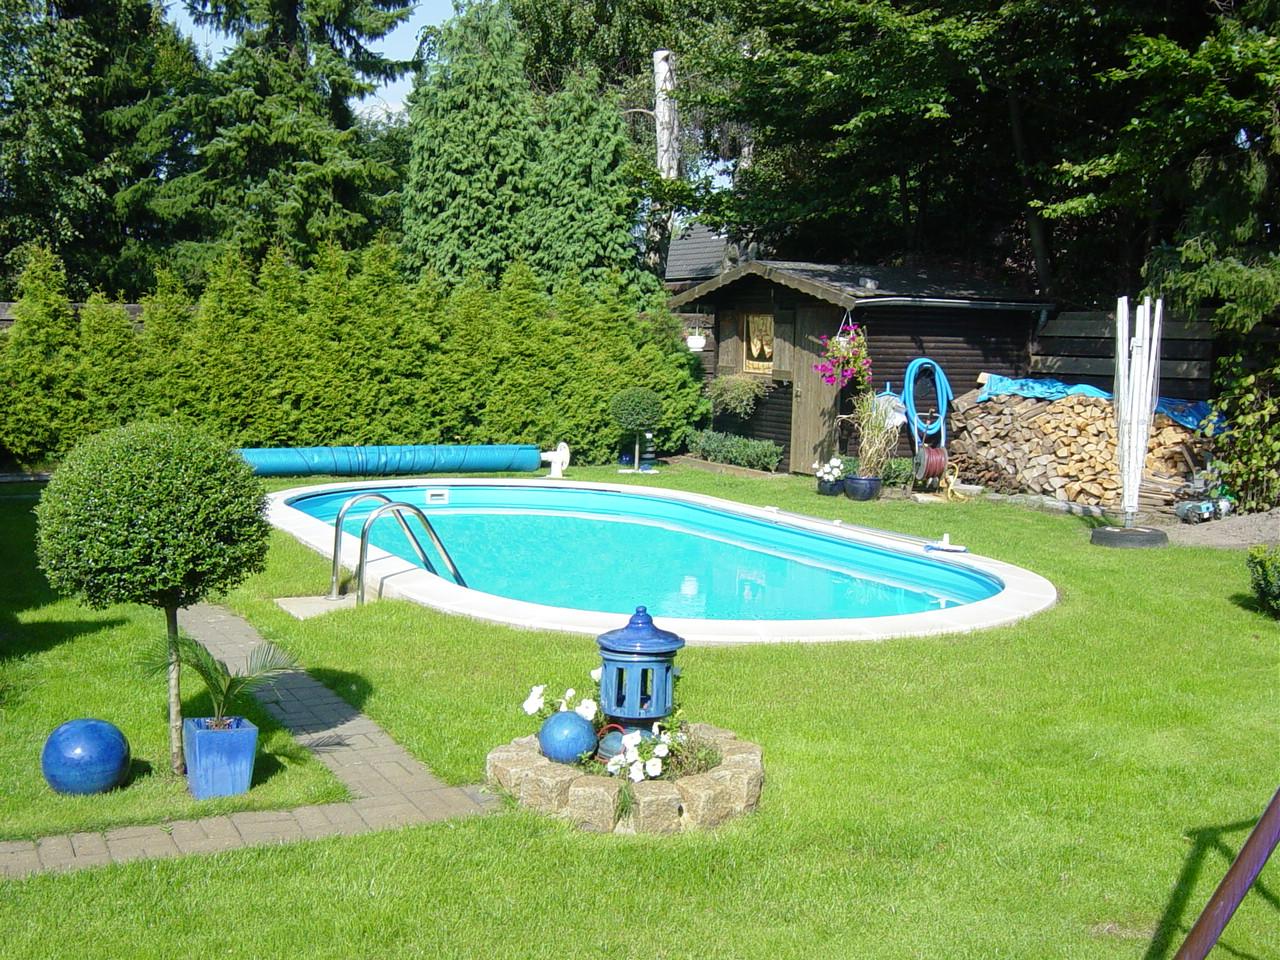 Vendita piscine interrate in panelli di acciaio e for Piscina in giardino